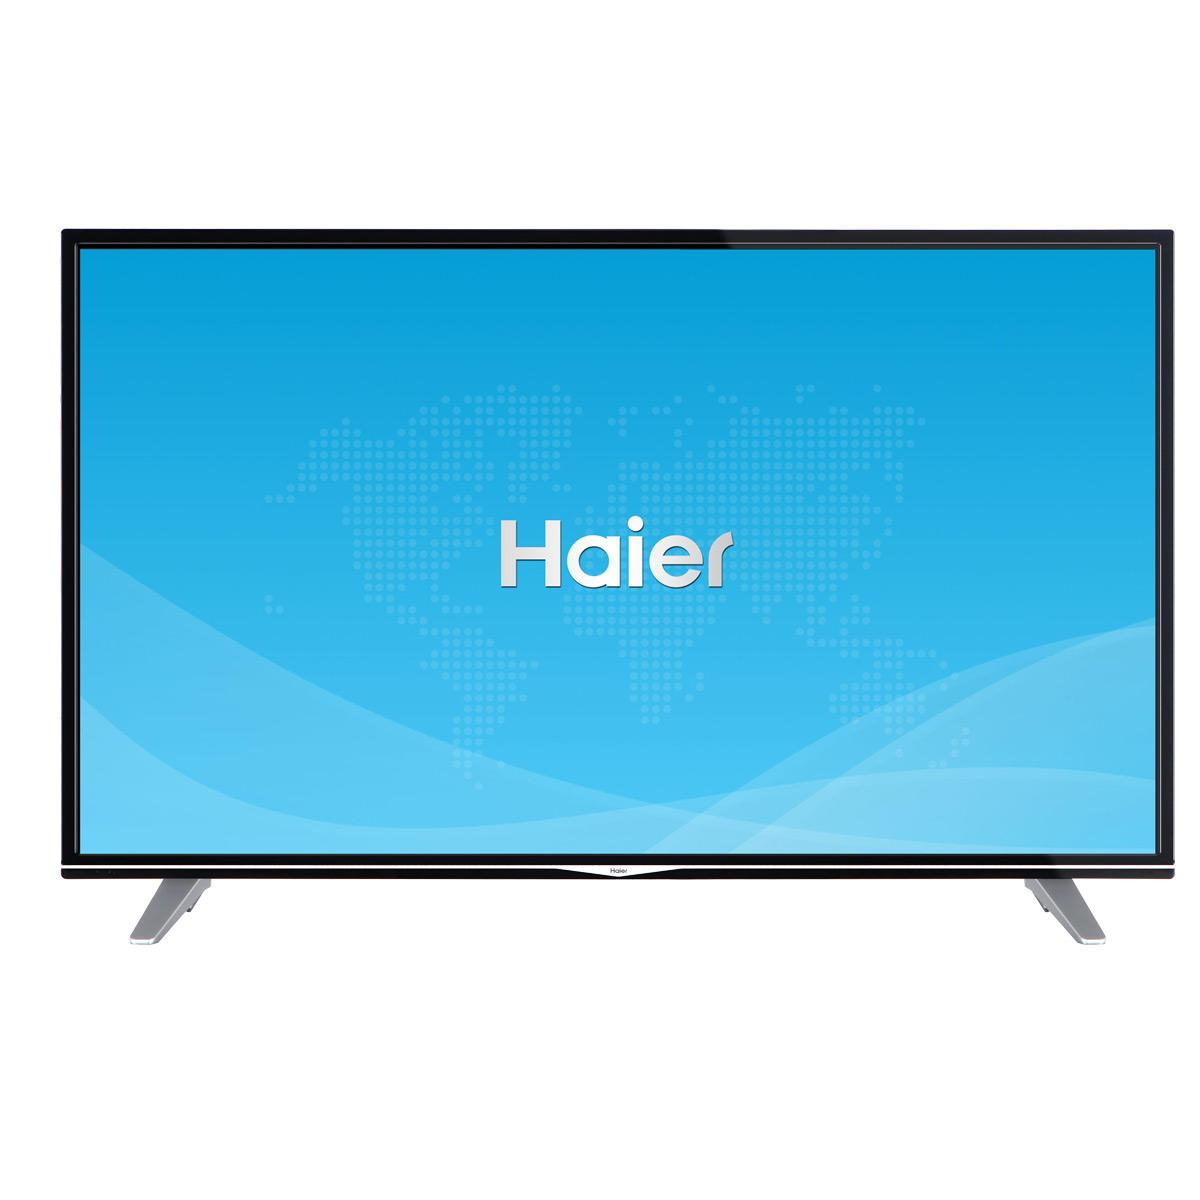 Haier U55H7000 55 Inch DVB-T/T2/S/S2/C WIFI bluetooth H.265 HDR Smart TV Support Netflix 4K